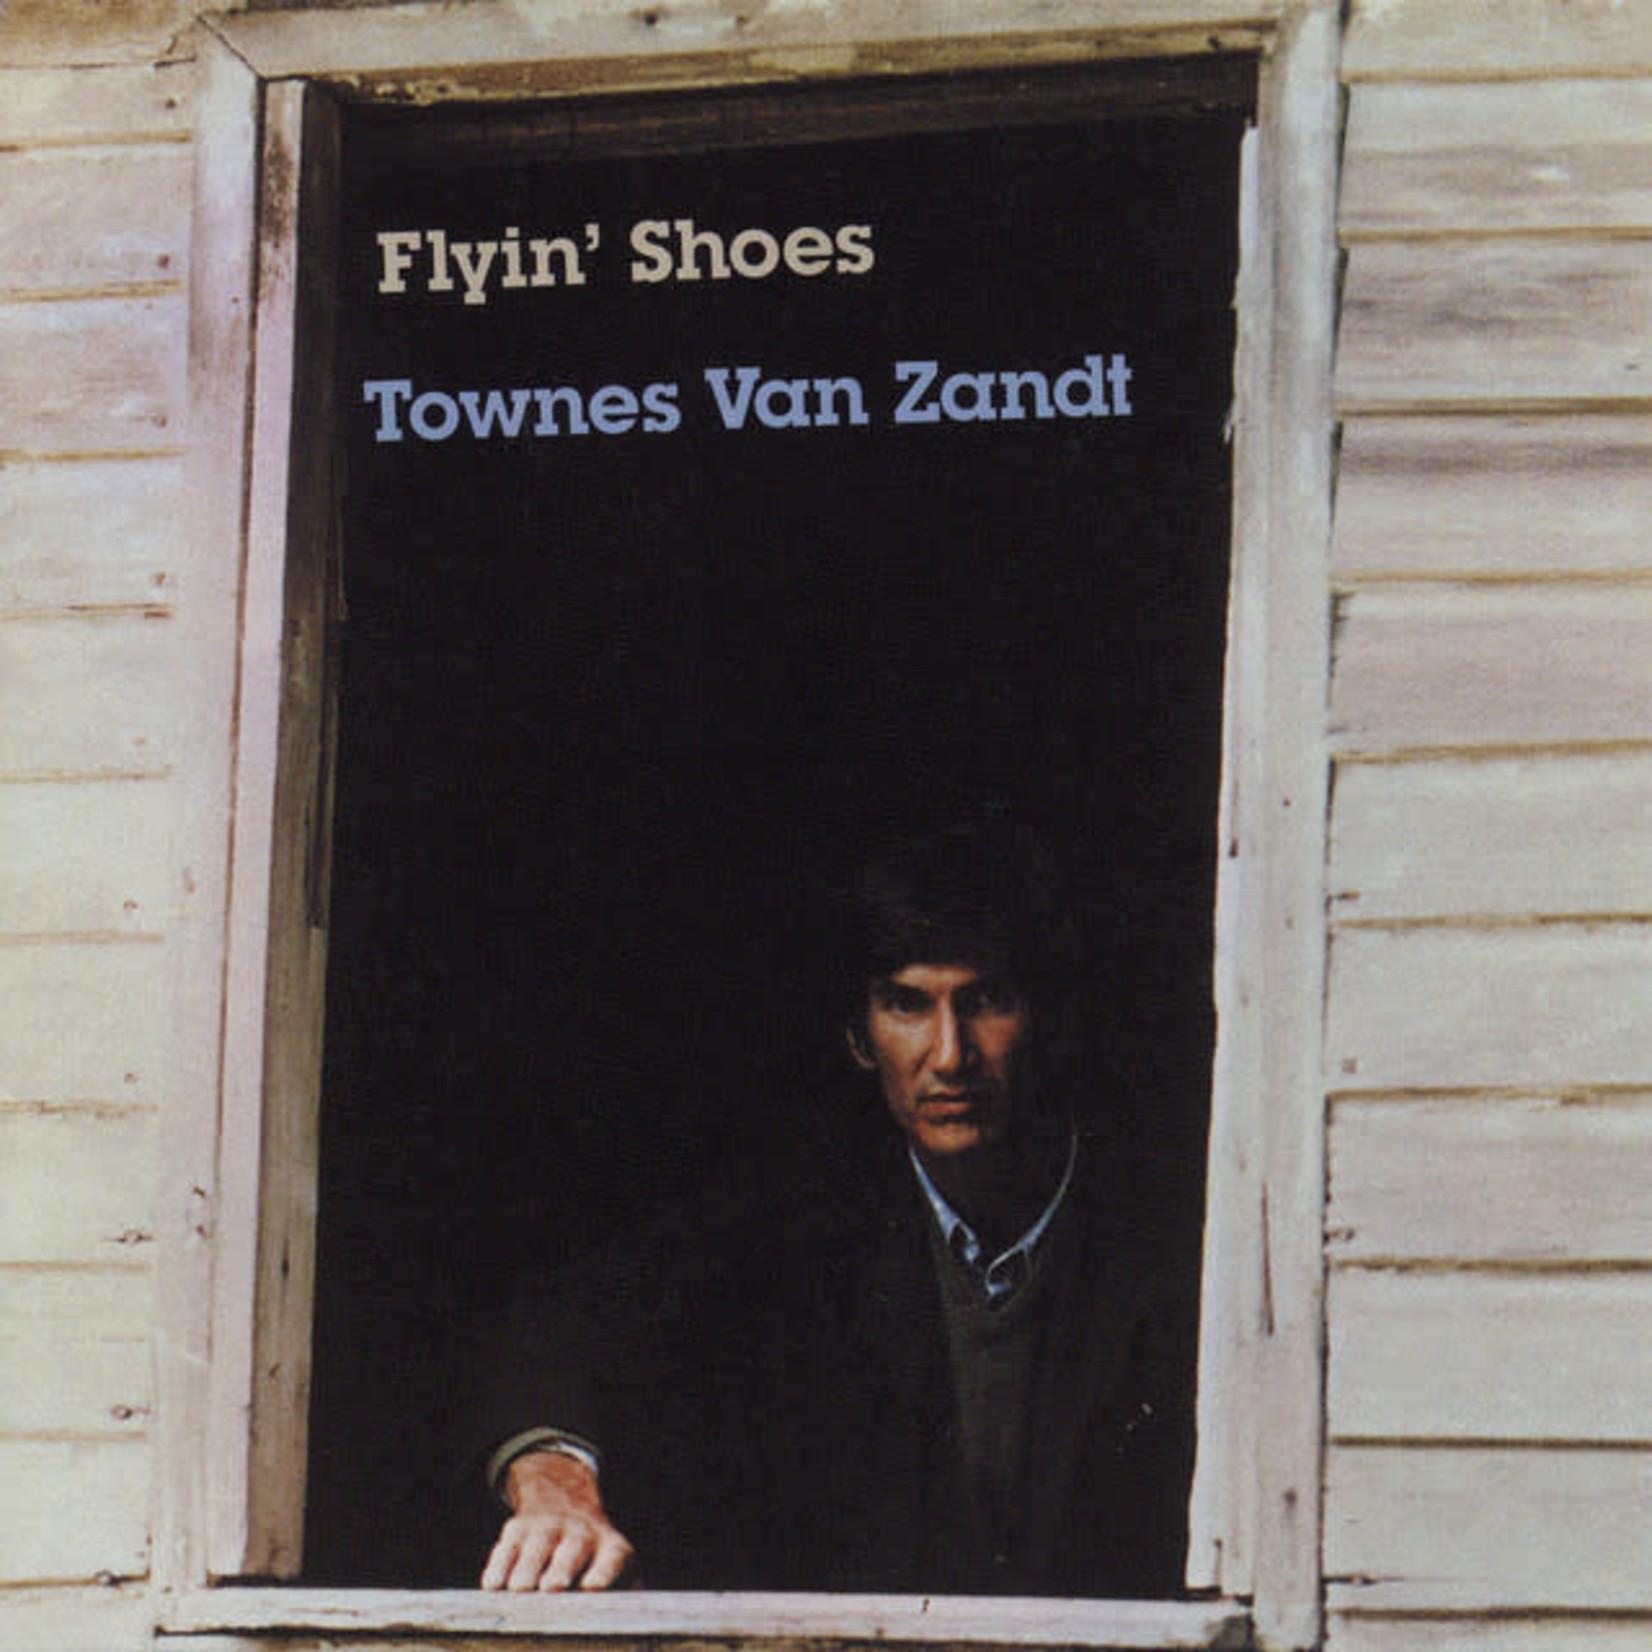 Vinyl Townes Van Zandt - Flyin' Shoes